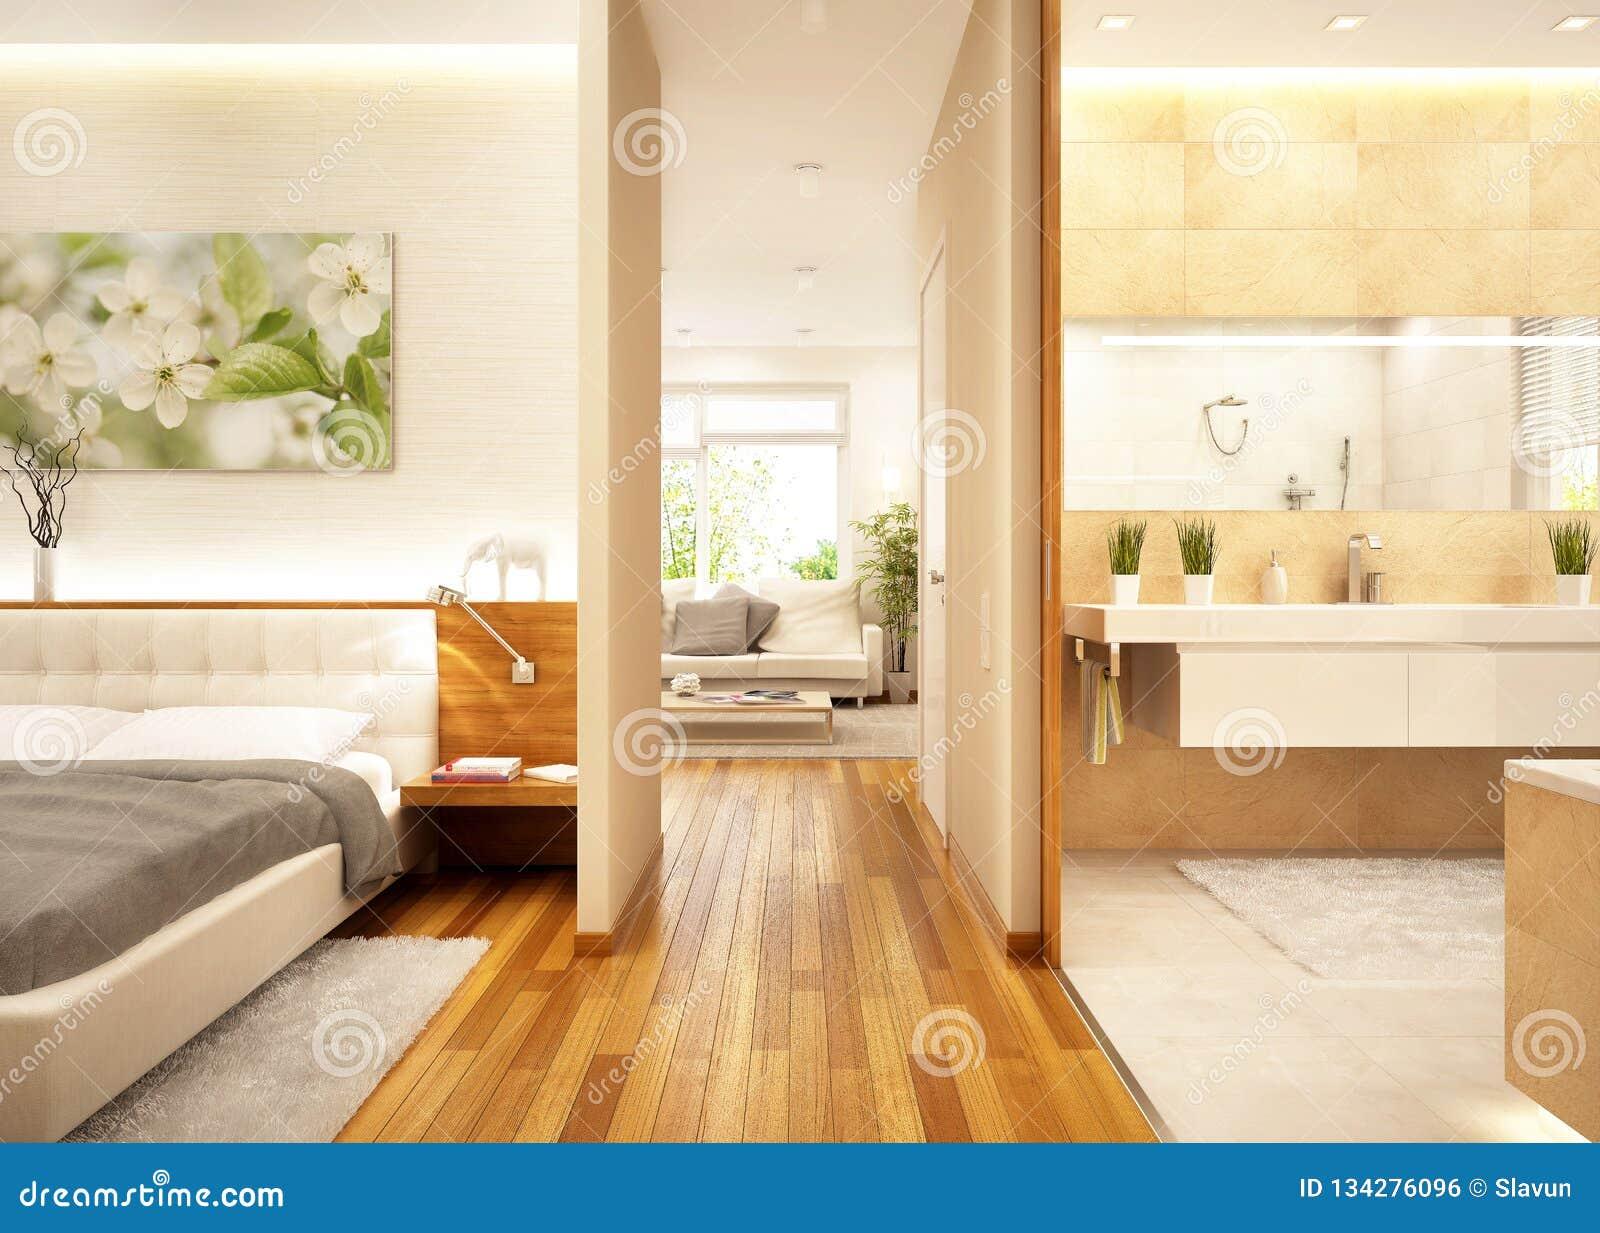 Apartamento moderno con la sala de estar, el cuarto de baño y el dormitorio